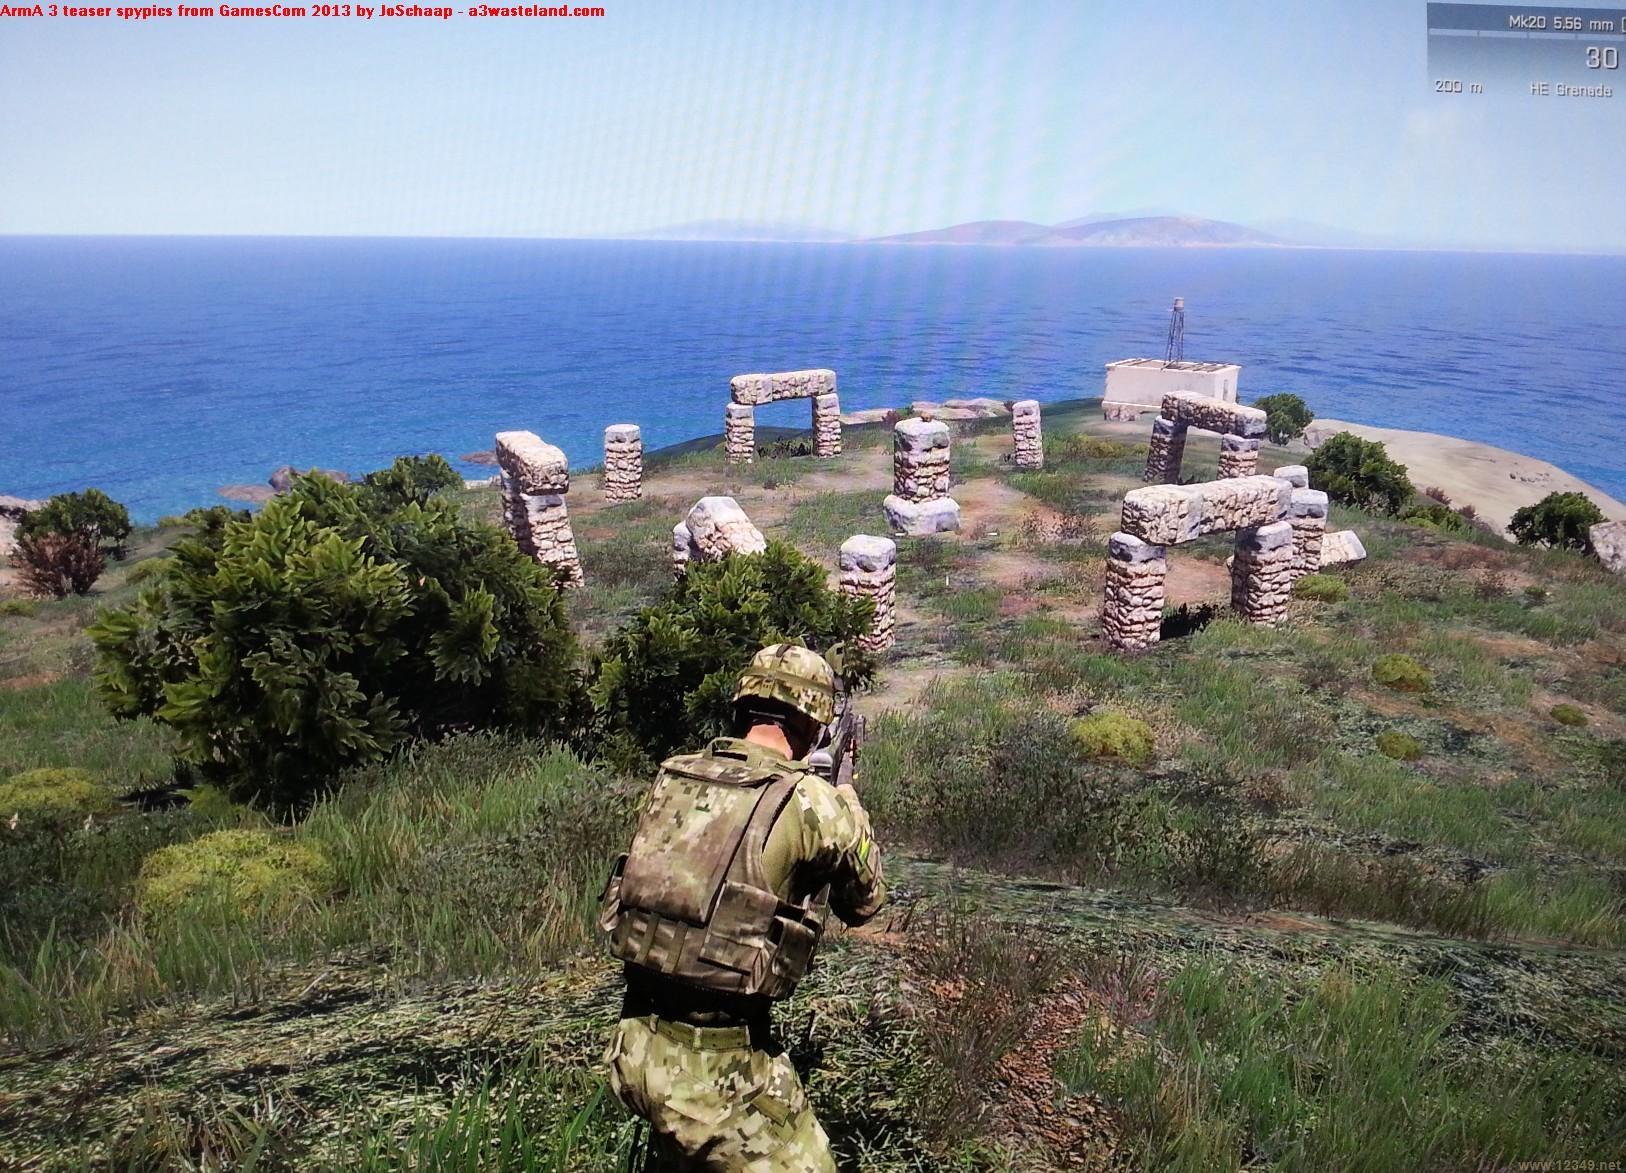 武装突袭3 地图巨大 首发MAP270平方公里